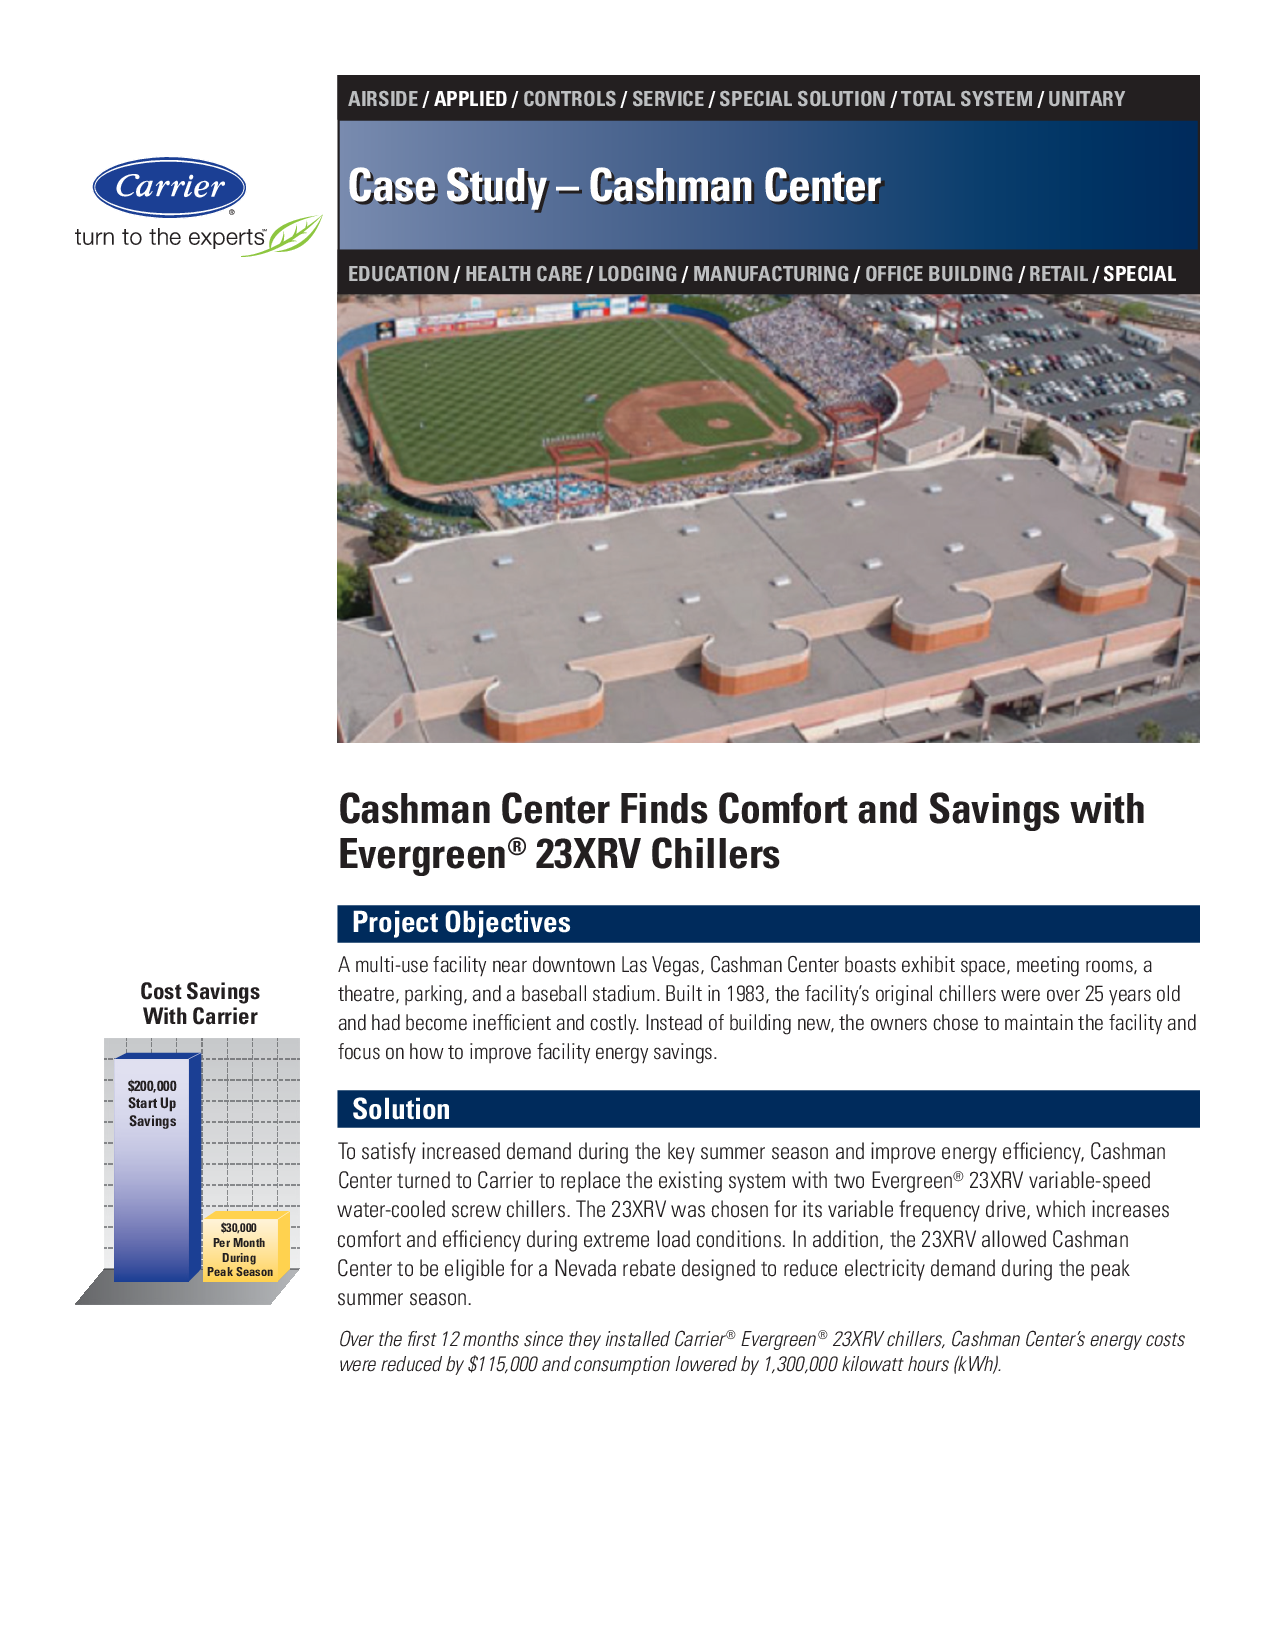 Cashman Center